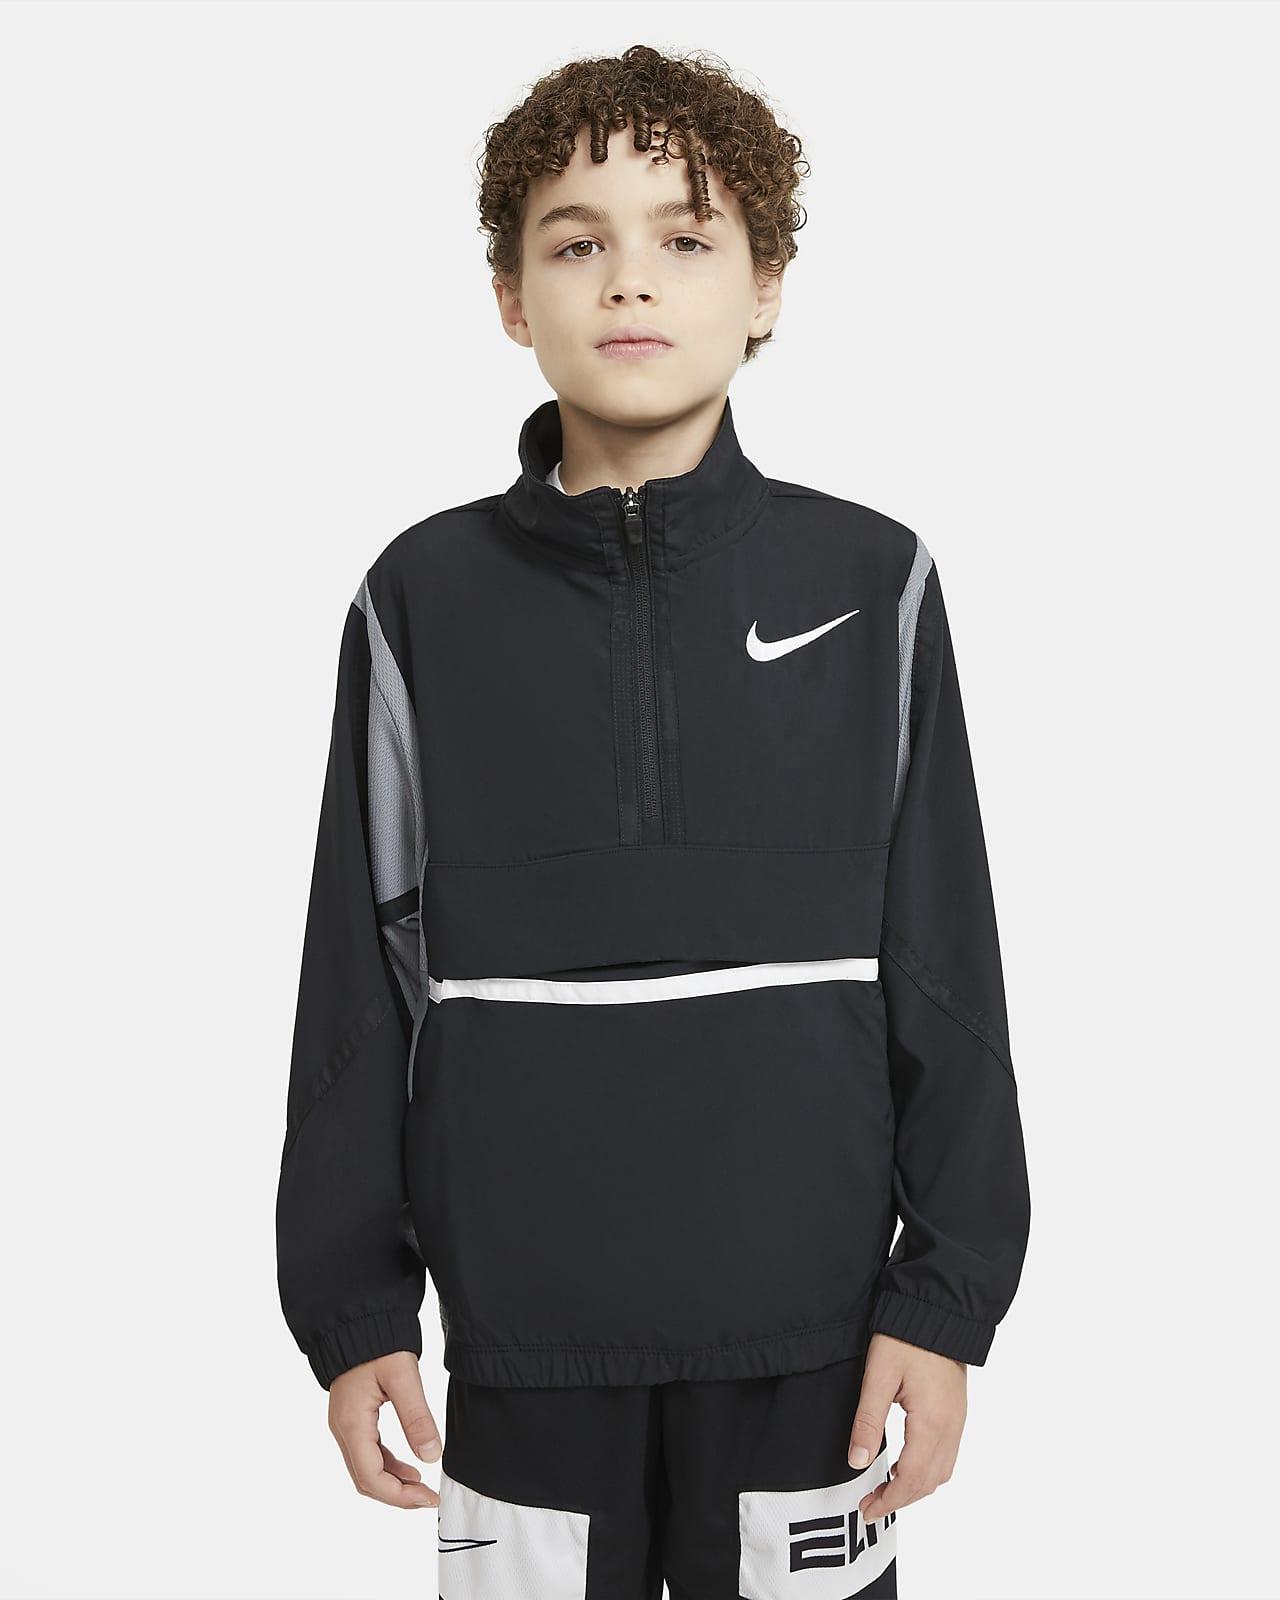 Nike Crossover Basketballjacke für ältere Kinder (Jungen)